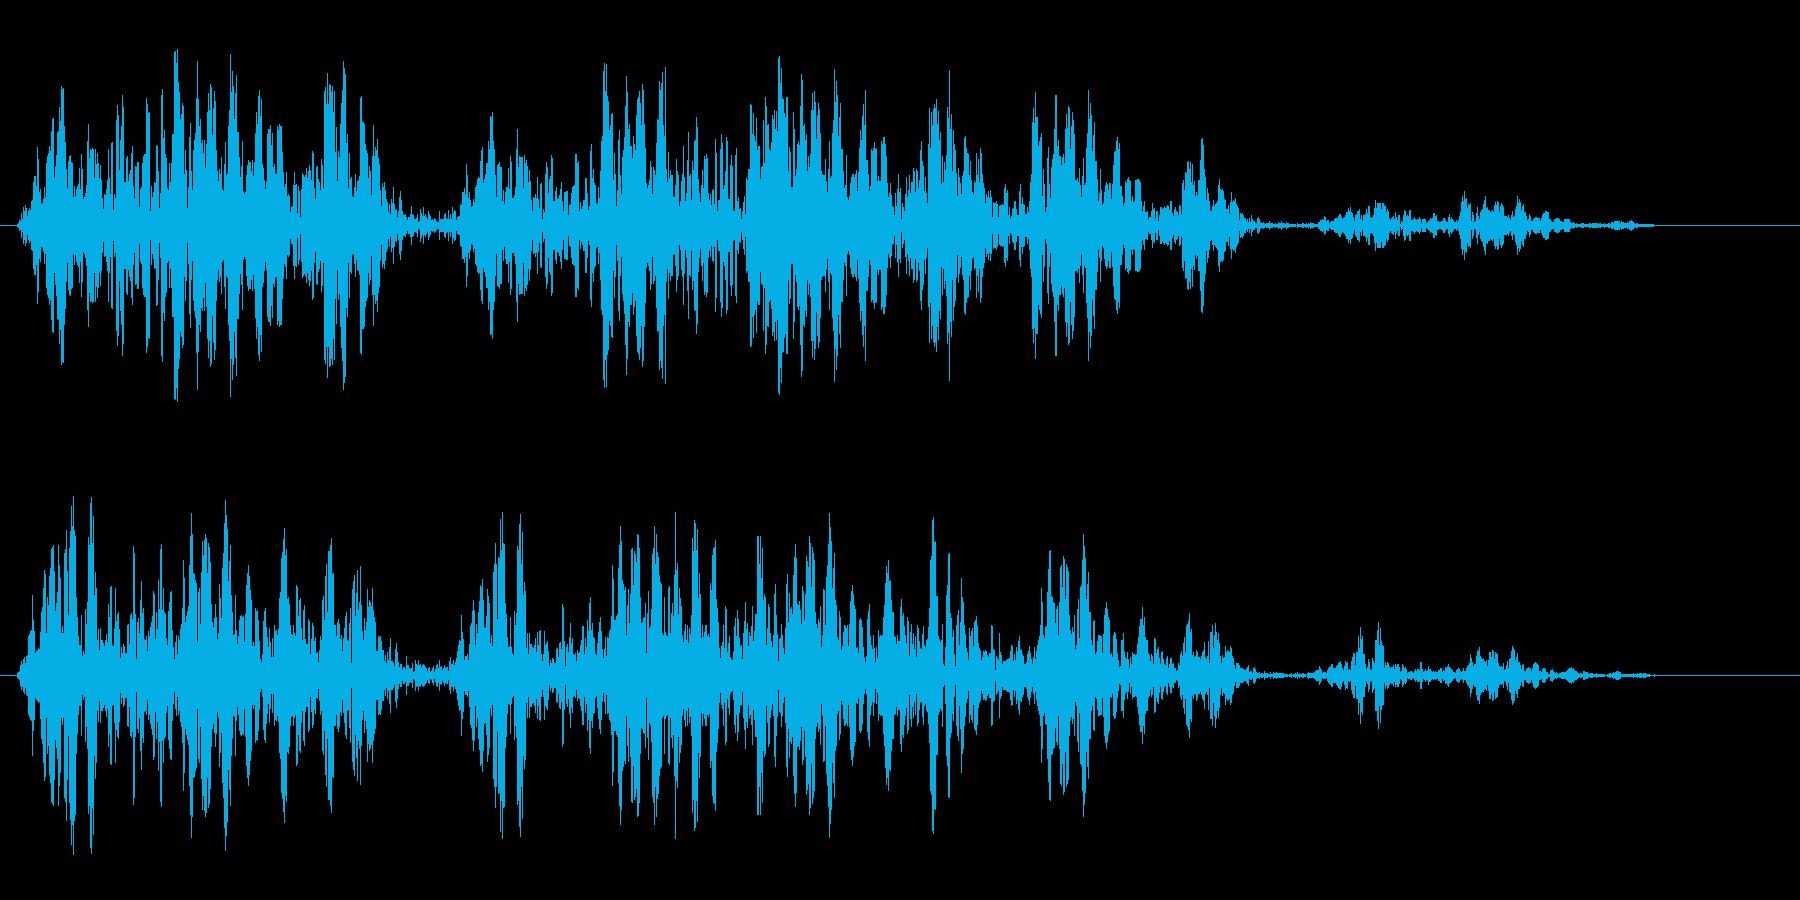 シュワンシュワン(回転音)の再生済みの波形